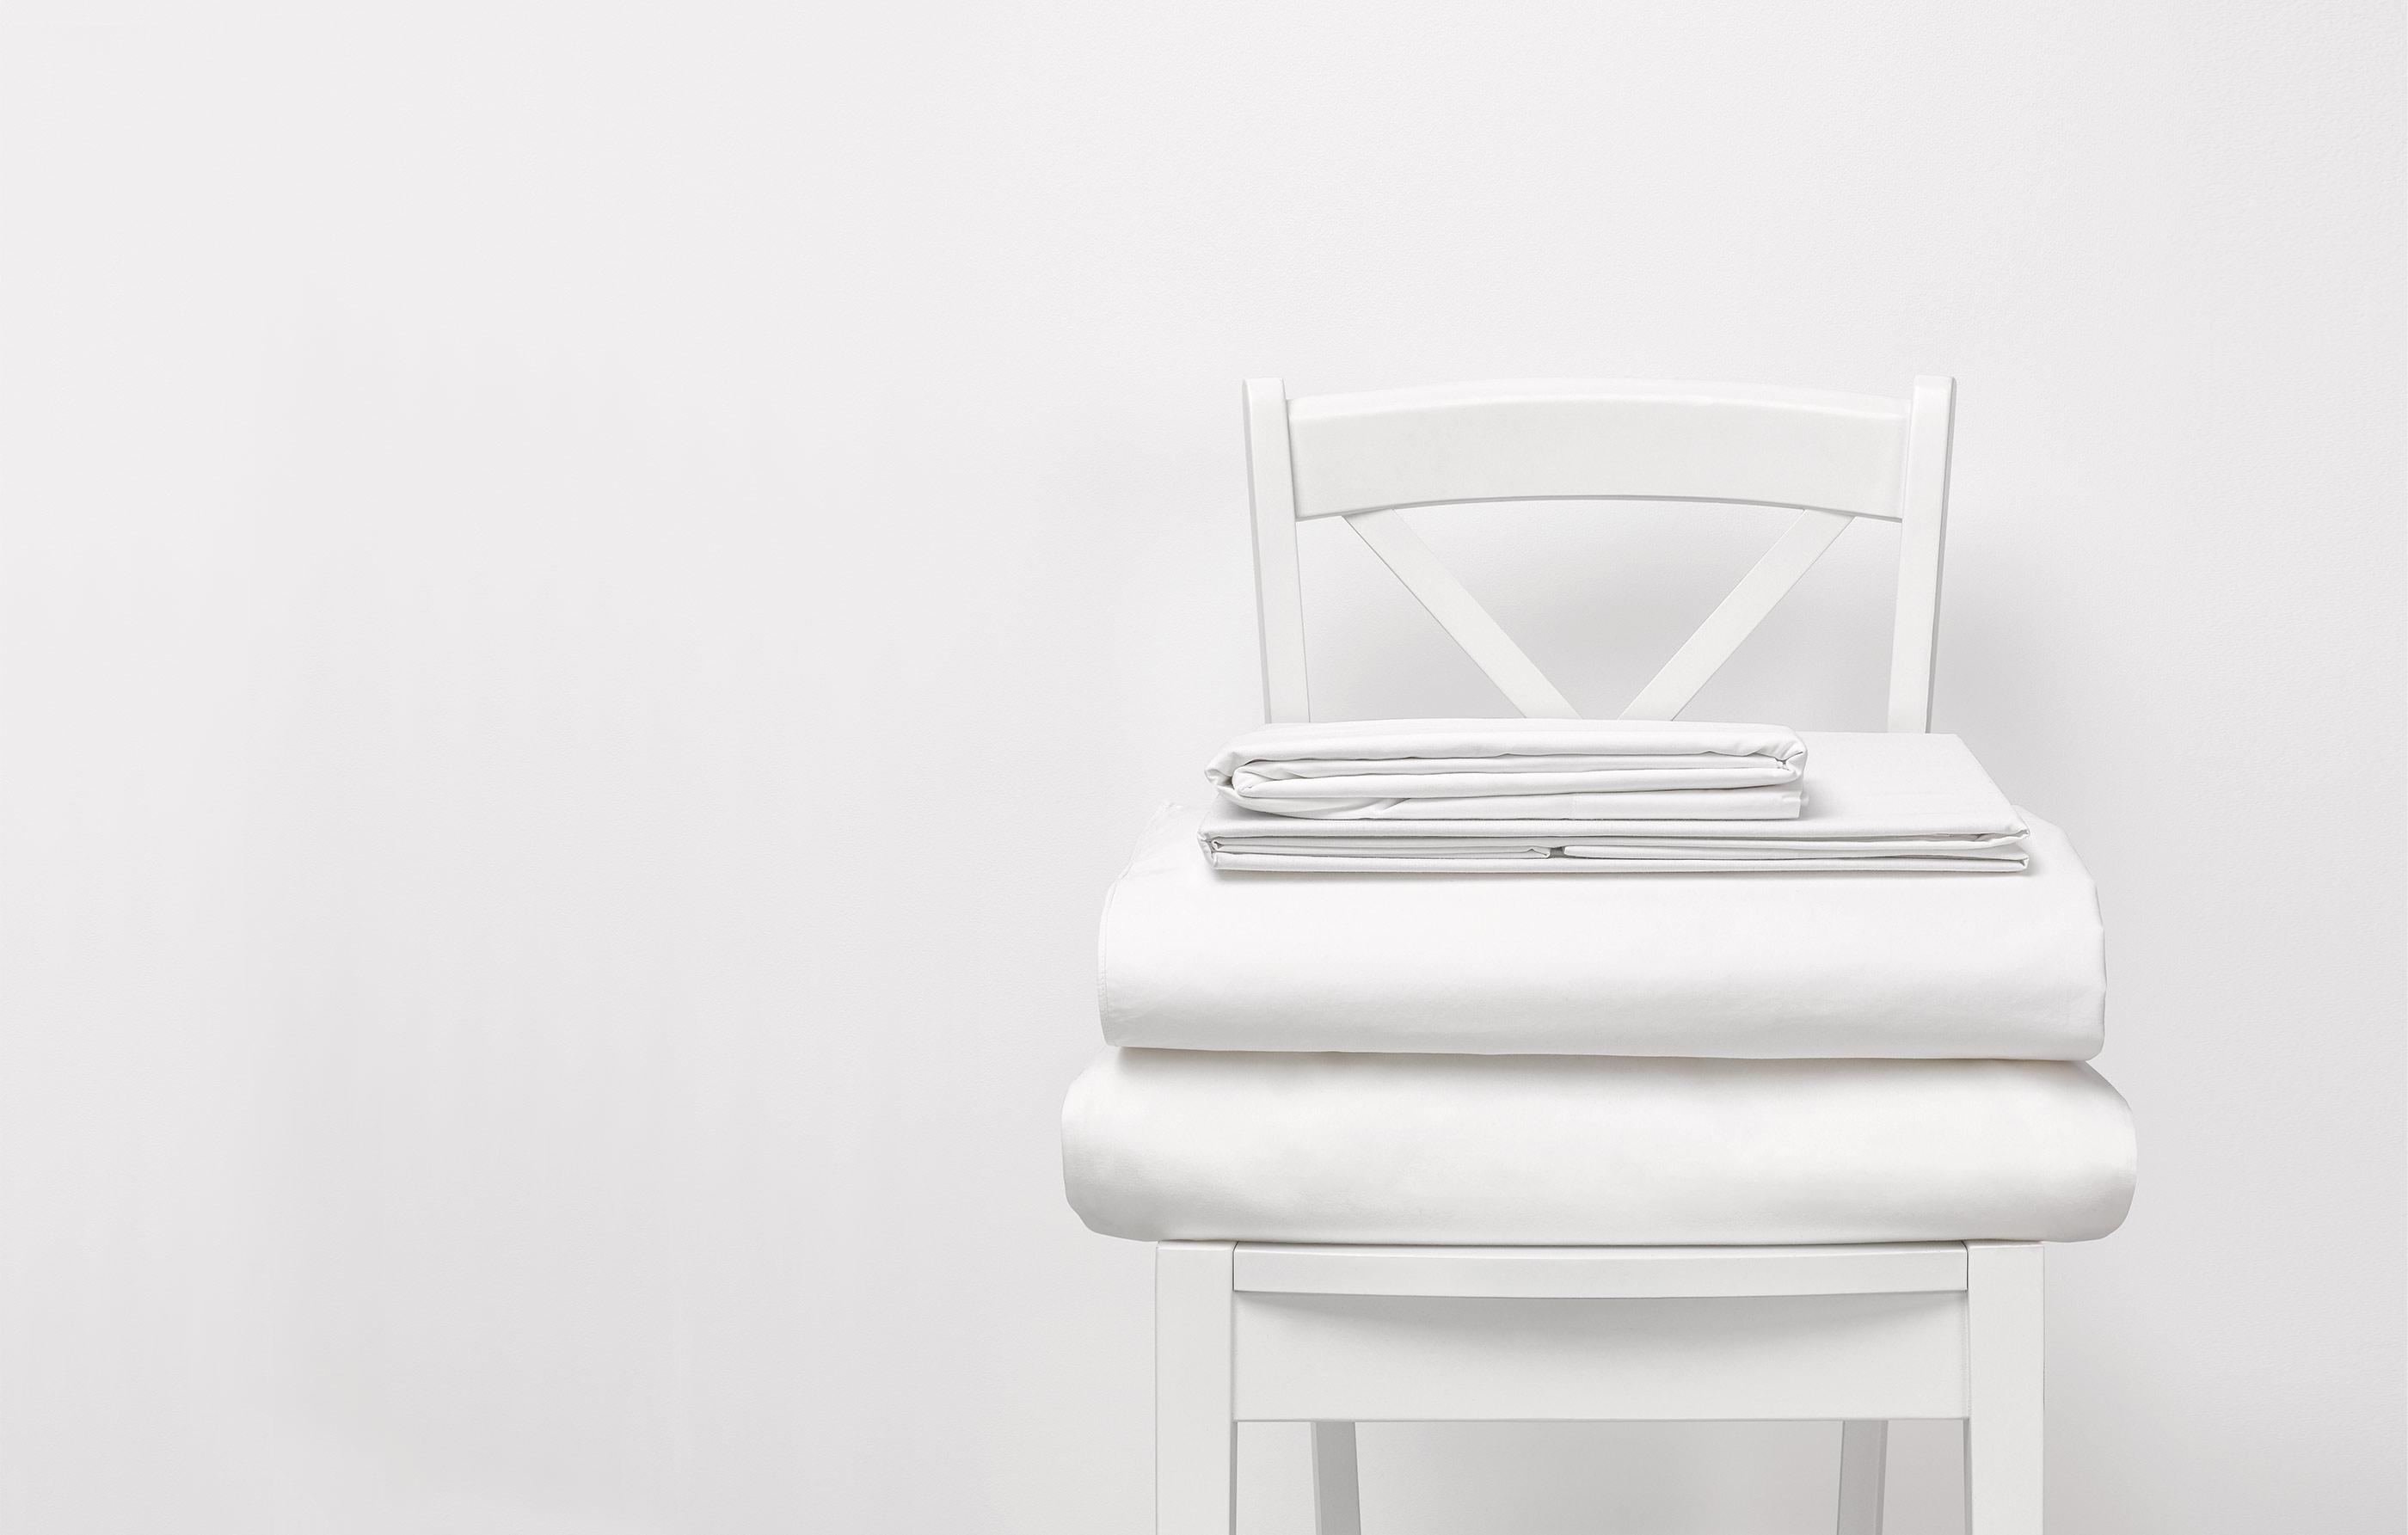 slider-planchado Rayen | Soluciones innovadoras para el hogar | Planchado de prendas | Rayen.com